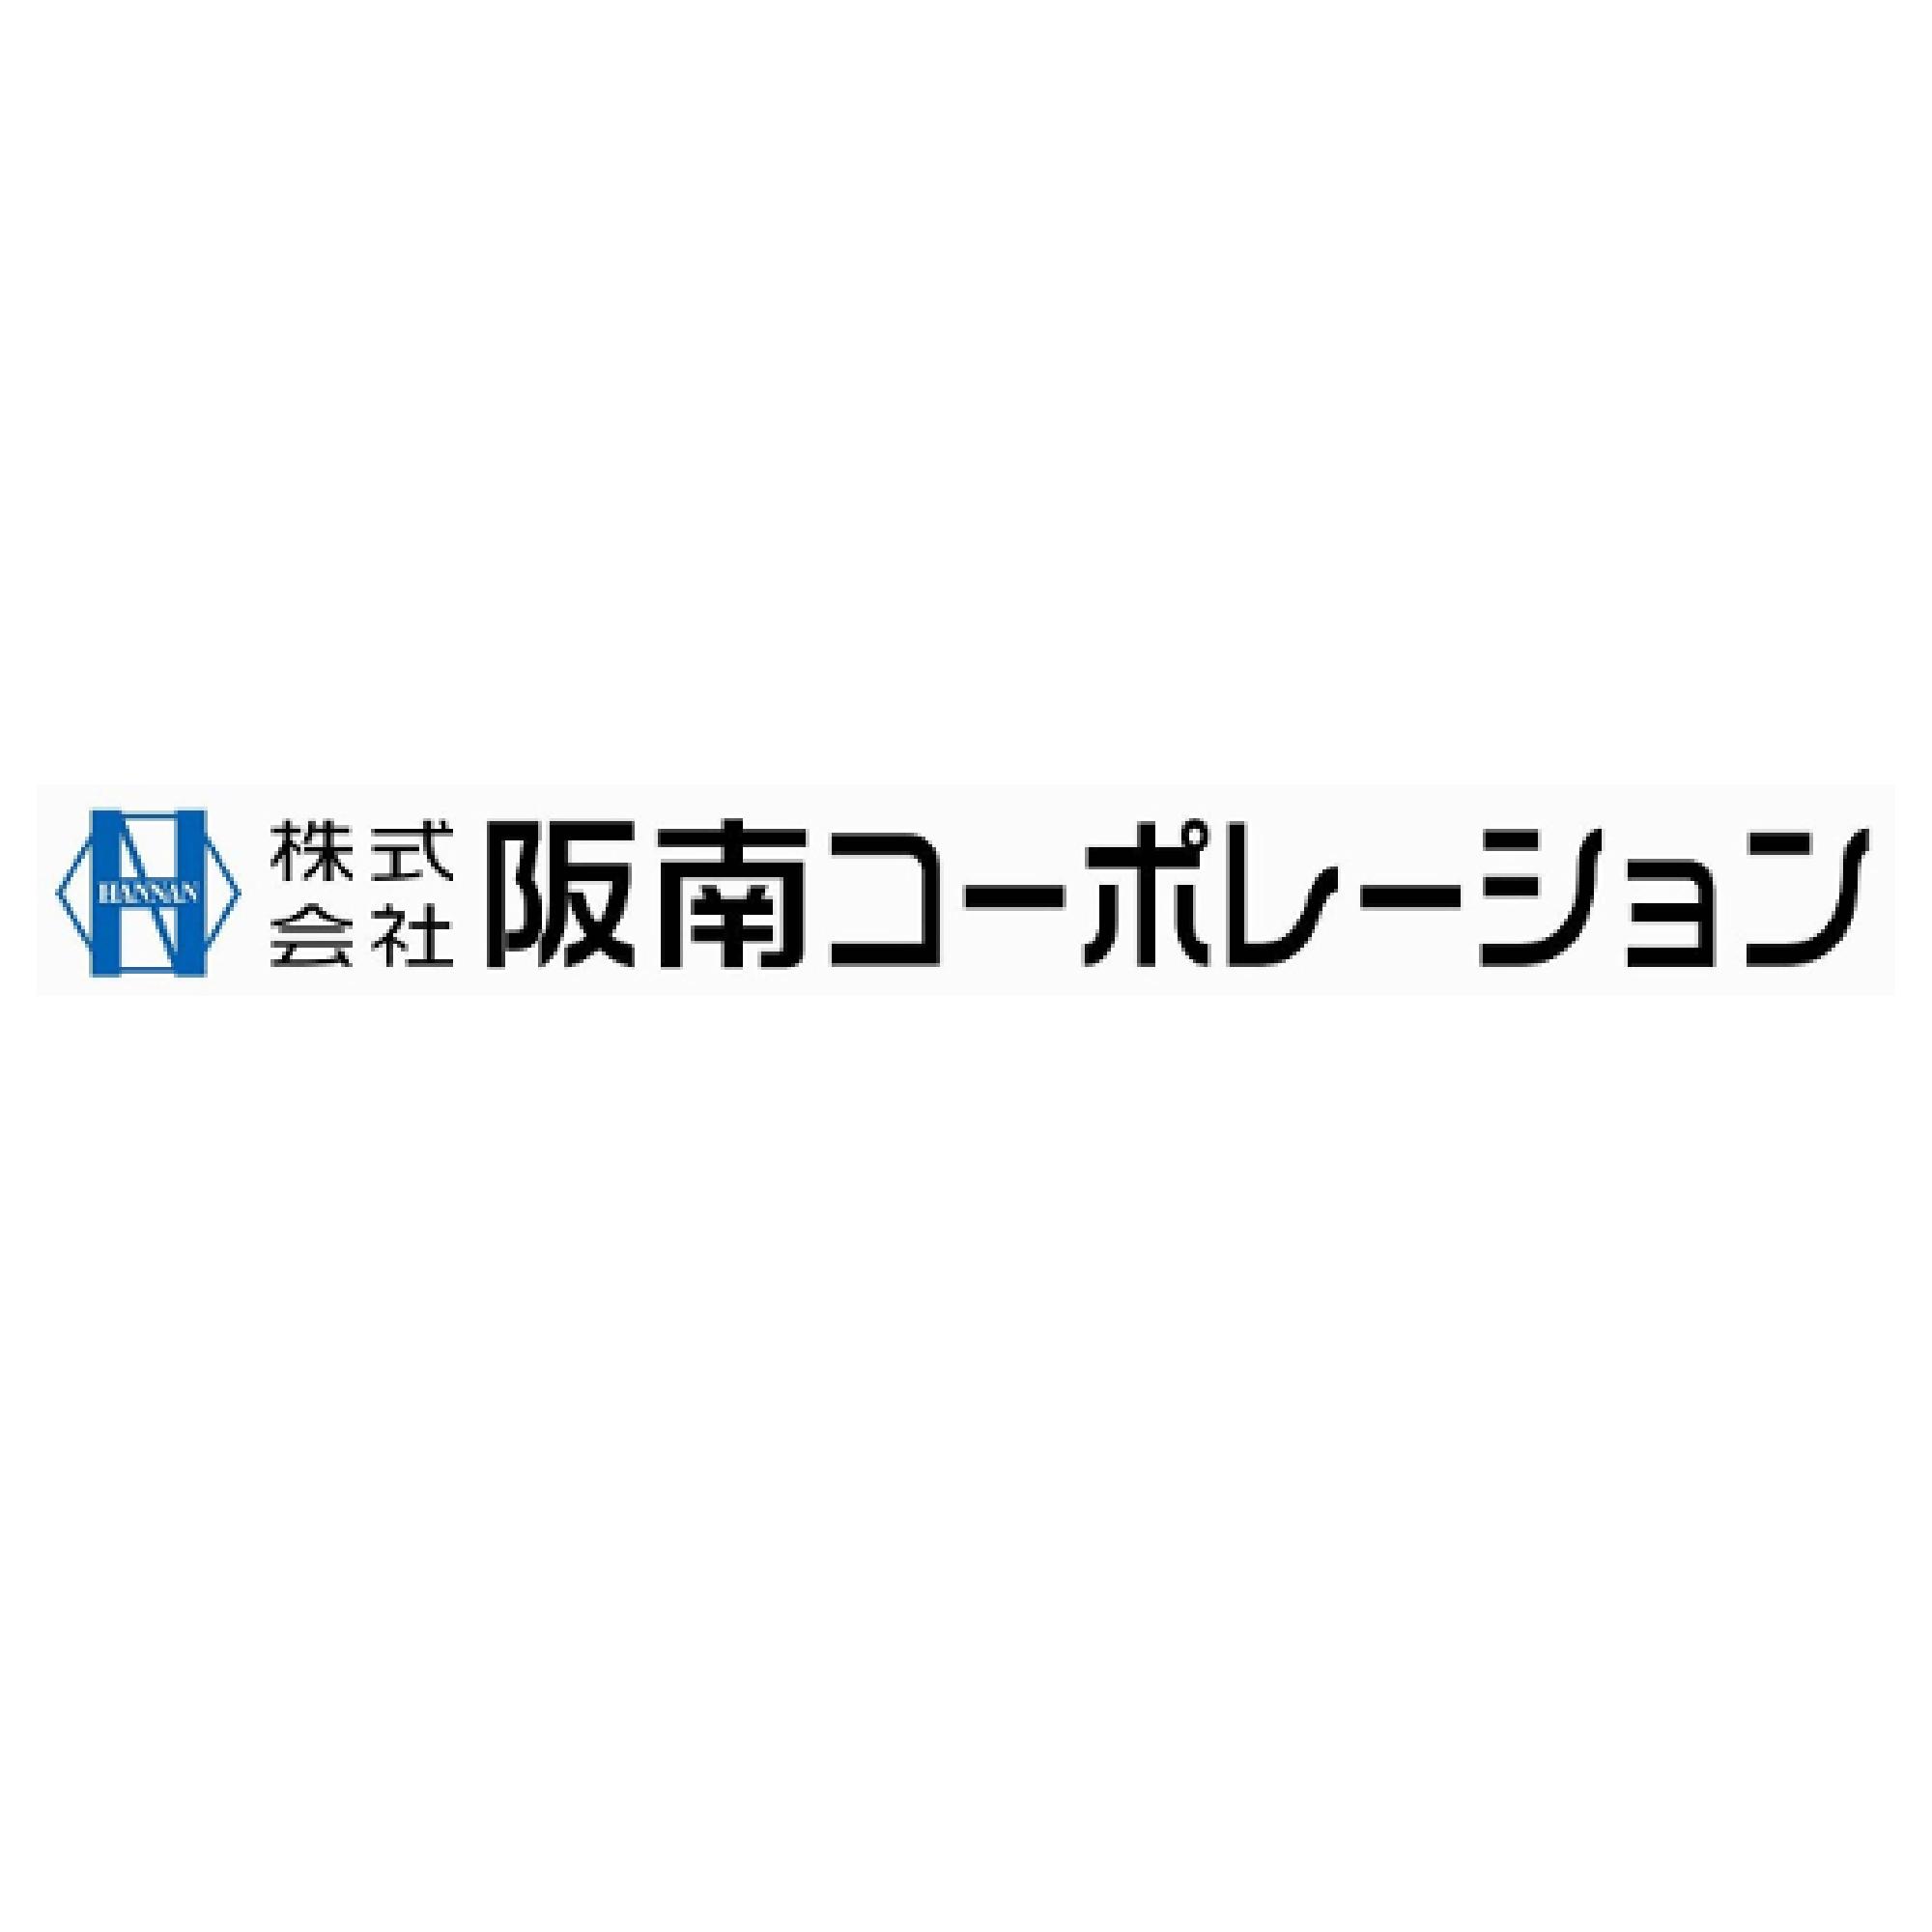 株式会社阪南コーポレーションのイメージ